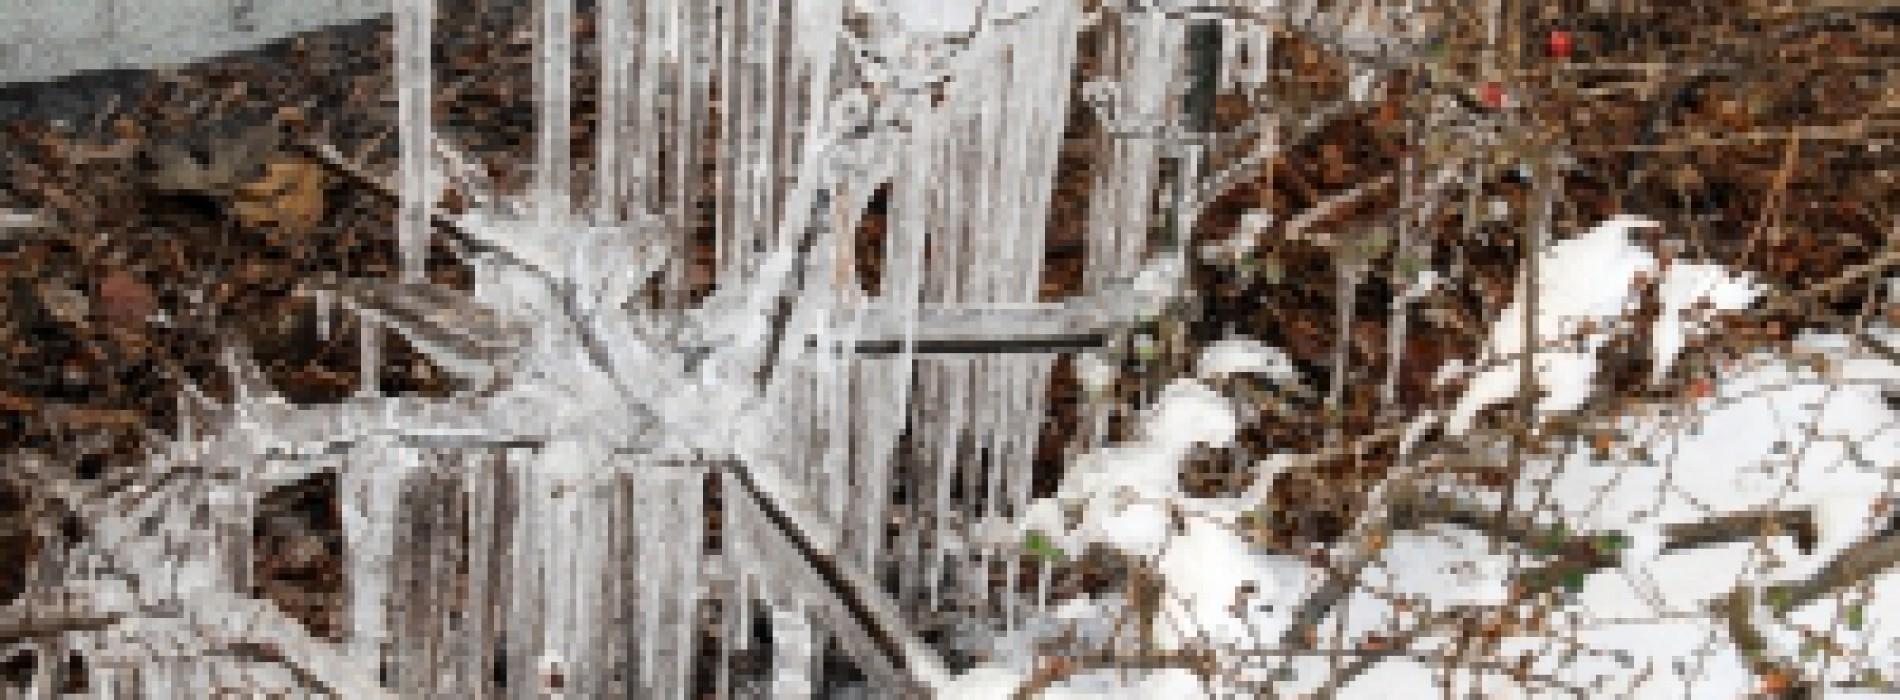 Na Warmii i Mazurach panują zimowe warunki jazdy